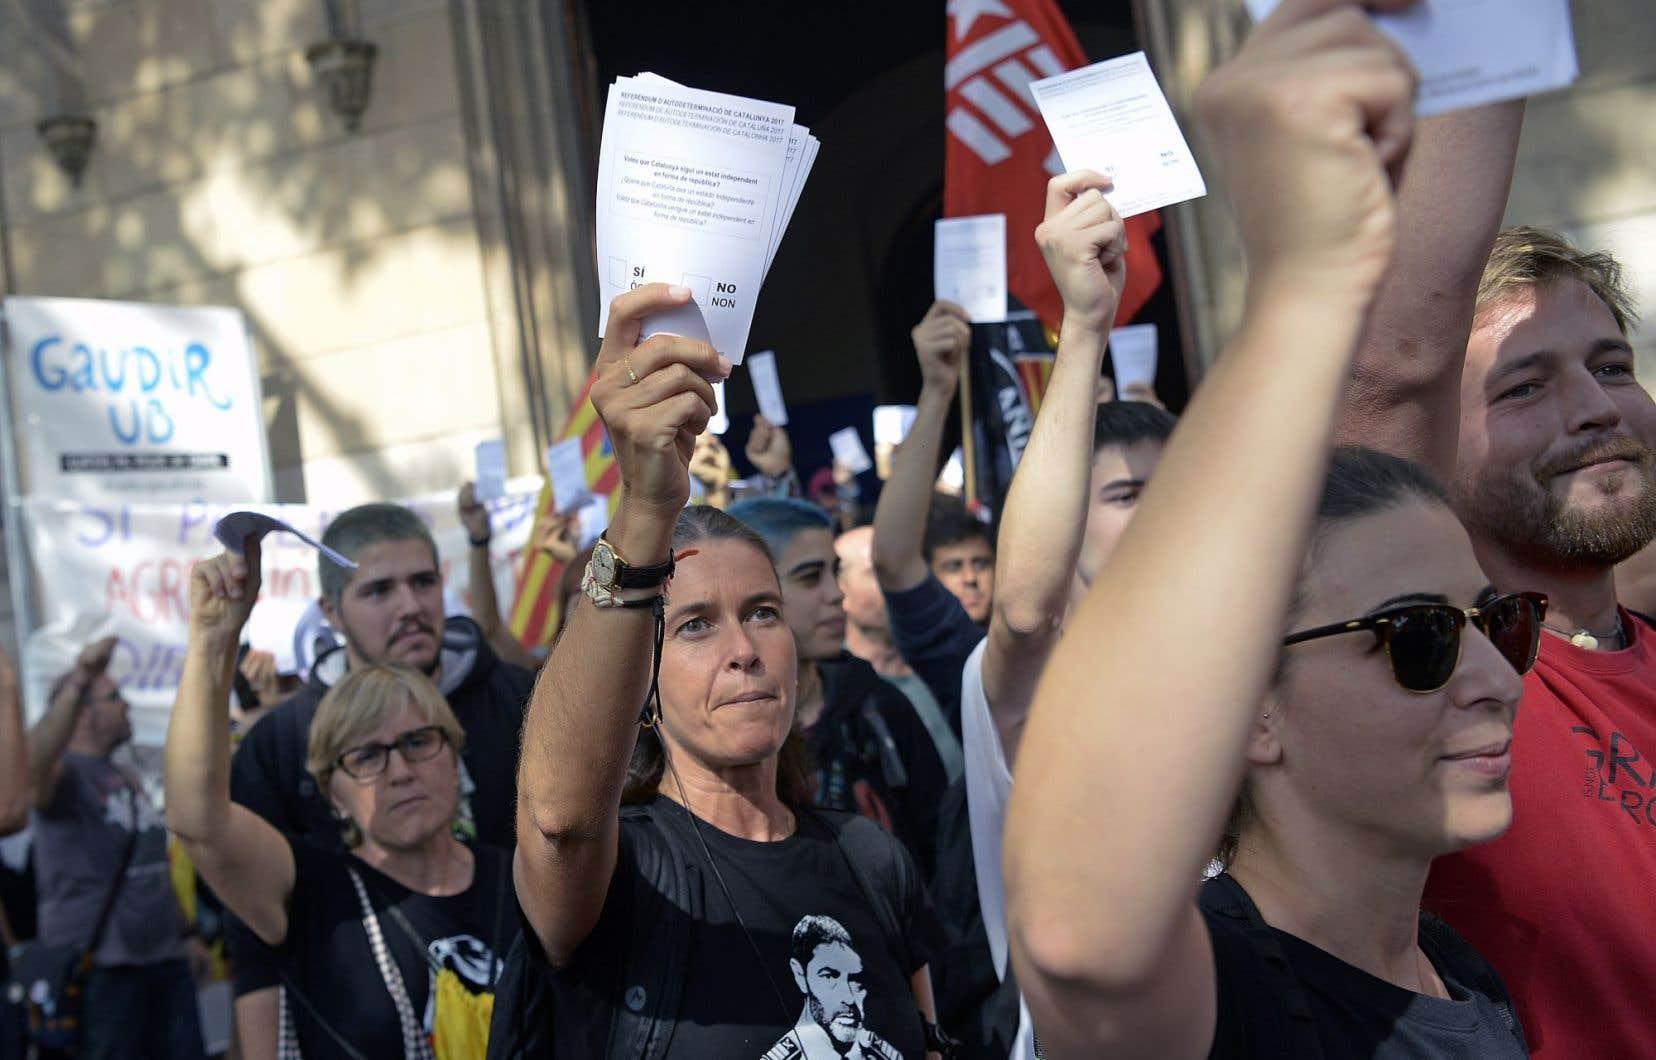 Des militants séparatistes brandissent des affiches en soutien à la tenue du scrutin prévu par le gouvernement catalan pour le 1eroctobre, durant une manifestation à Barcelone, dimanche.